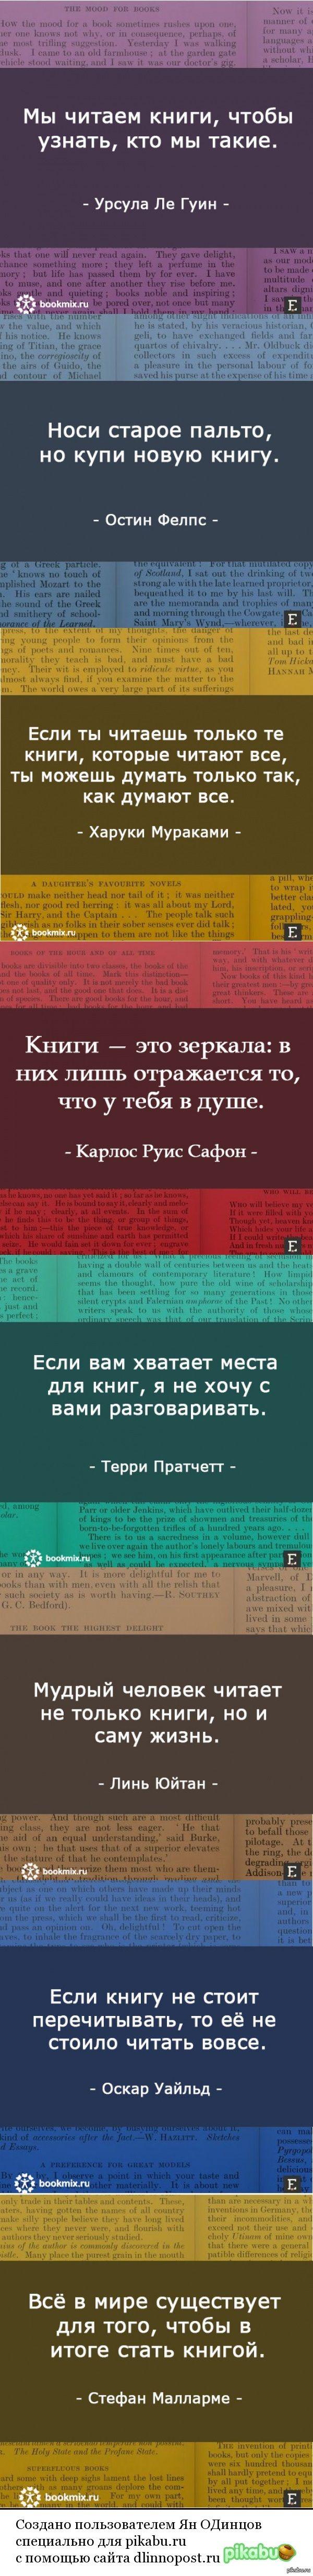 Цитаты писателей о книгах и чтении Вообще их больше, но и так длинно получилось. Остальные здесь: http://bookmix.ru/blogs/note.phtml?id=13098